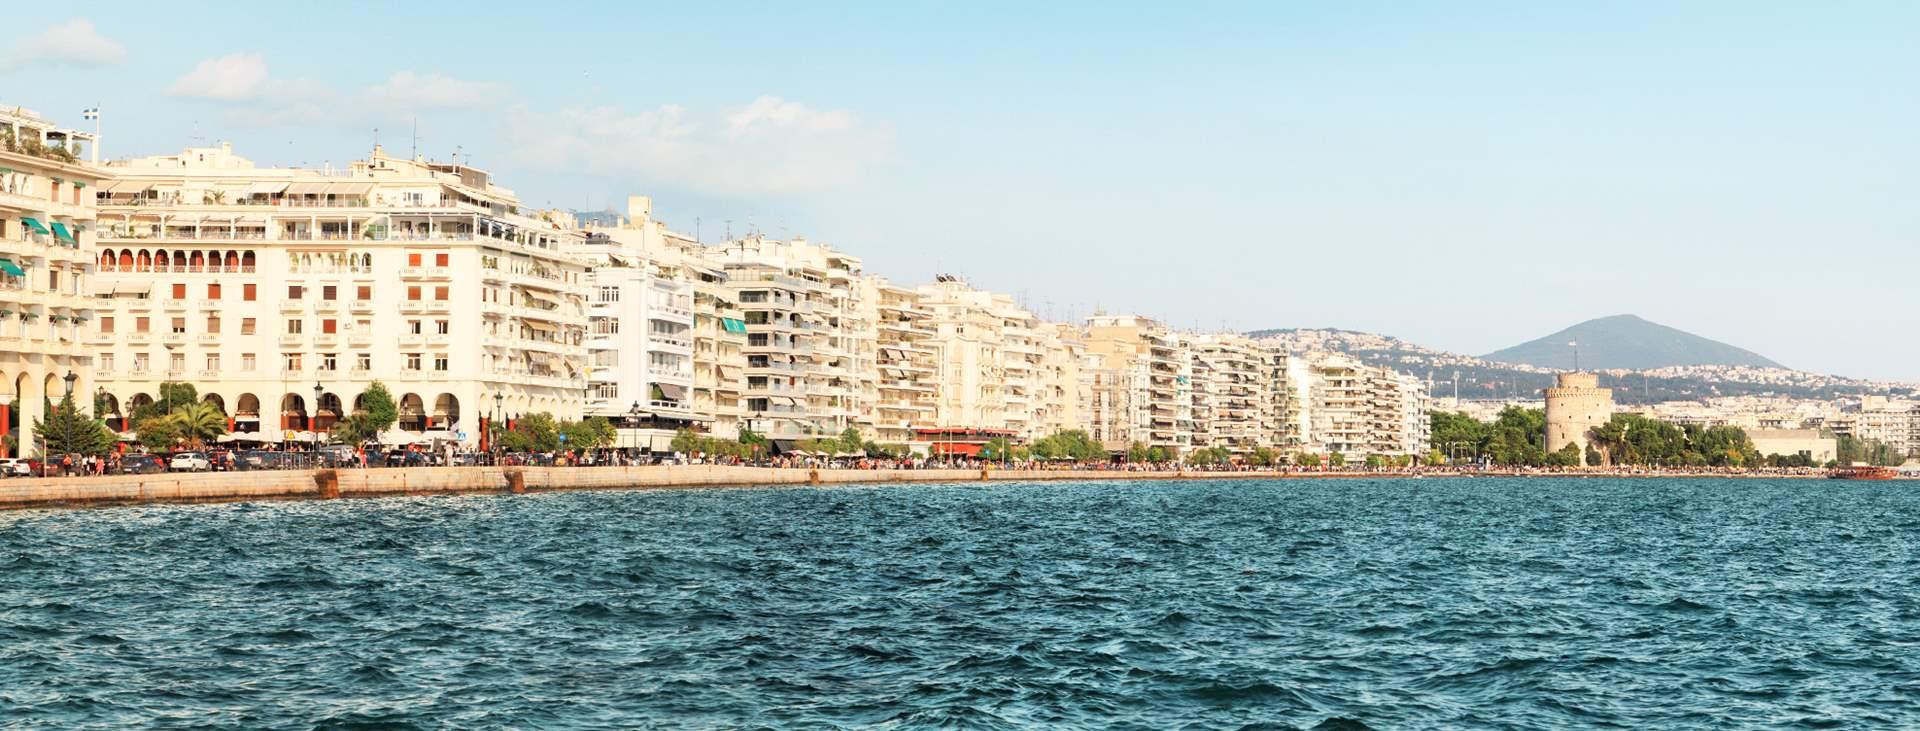 Resor till Thessaloniki i Grekland